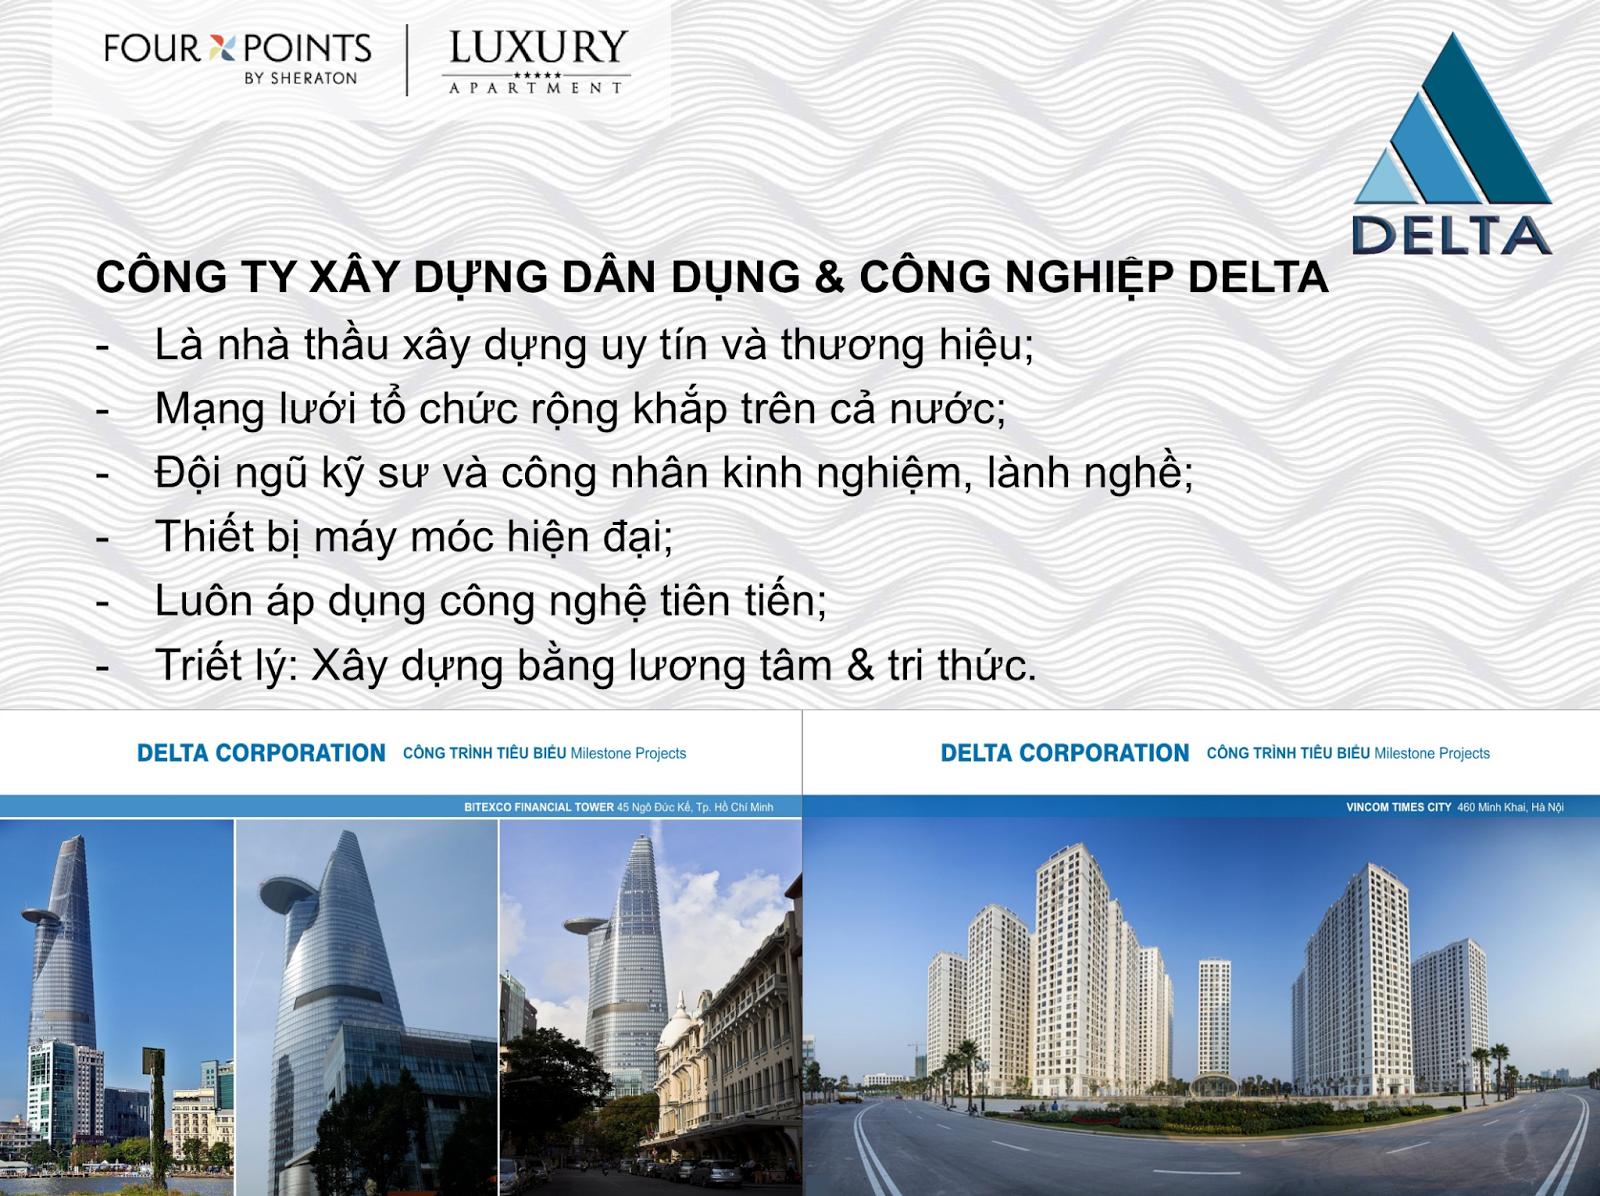 Đơn vị thi công Luxury Aparment